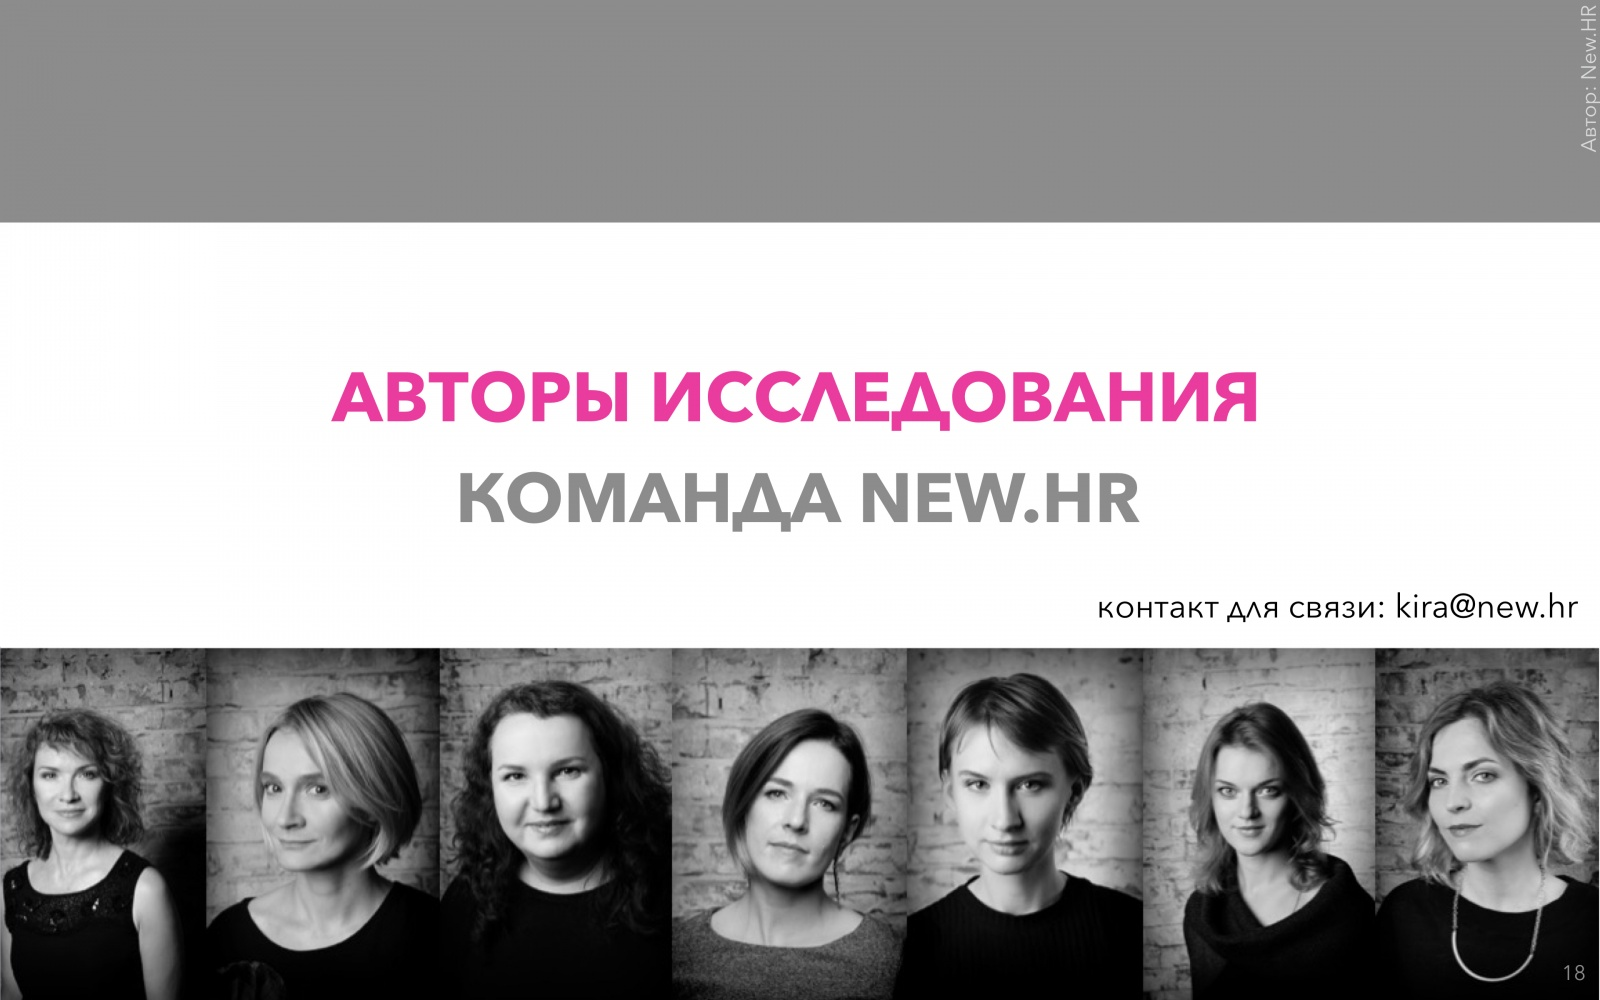 Исследование рынка тимлидов в России - 18